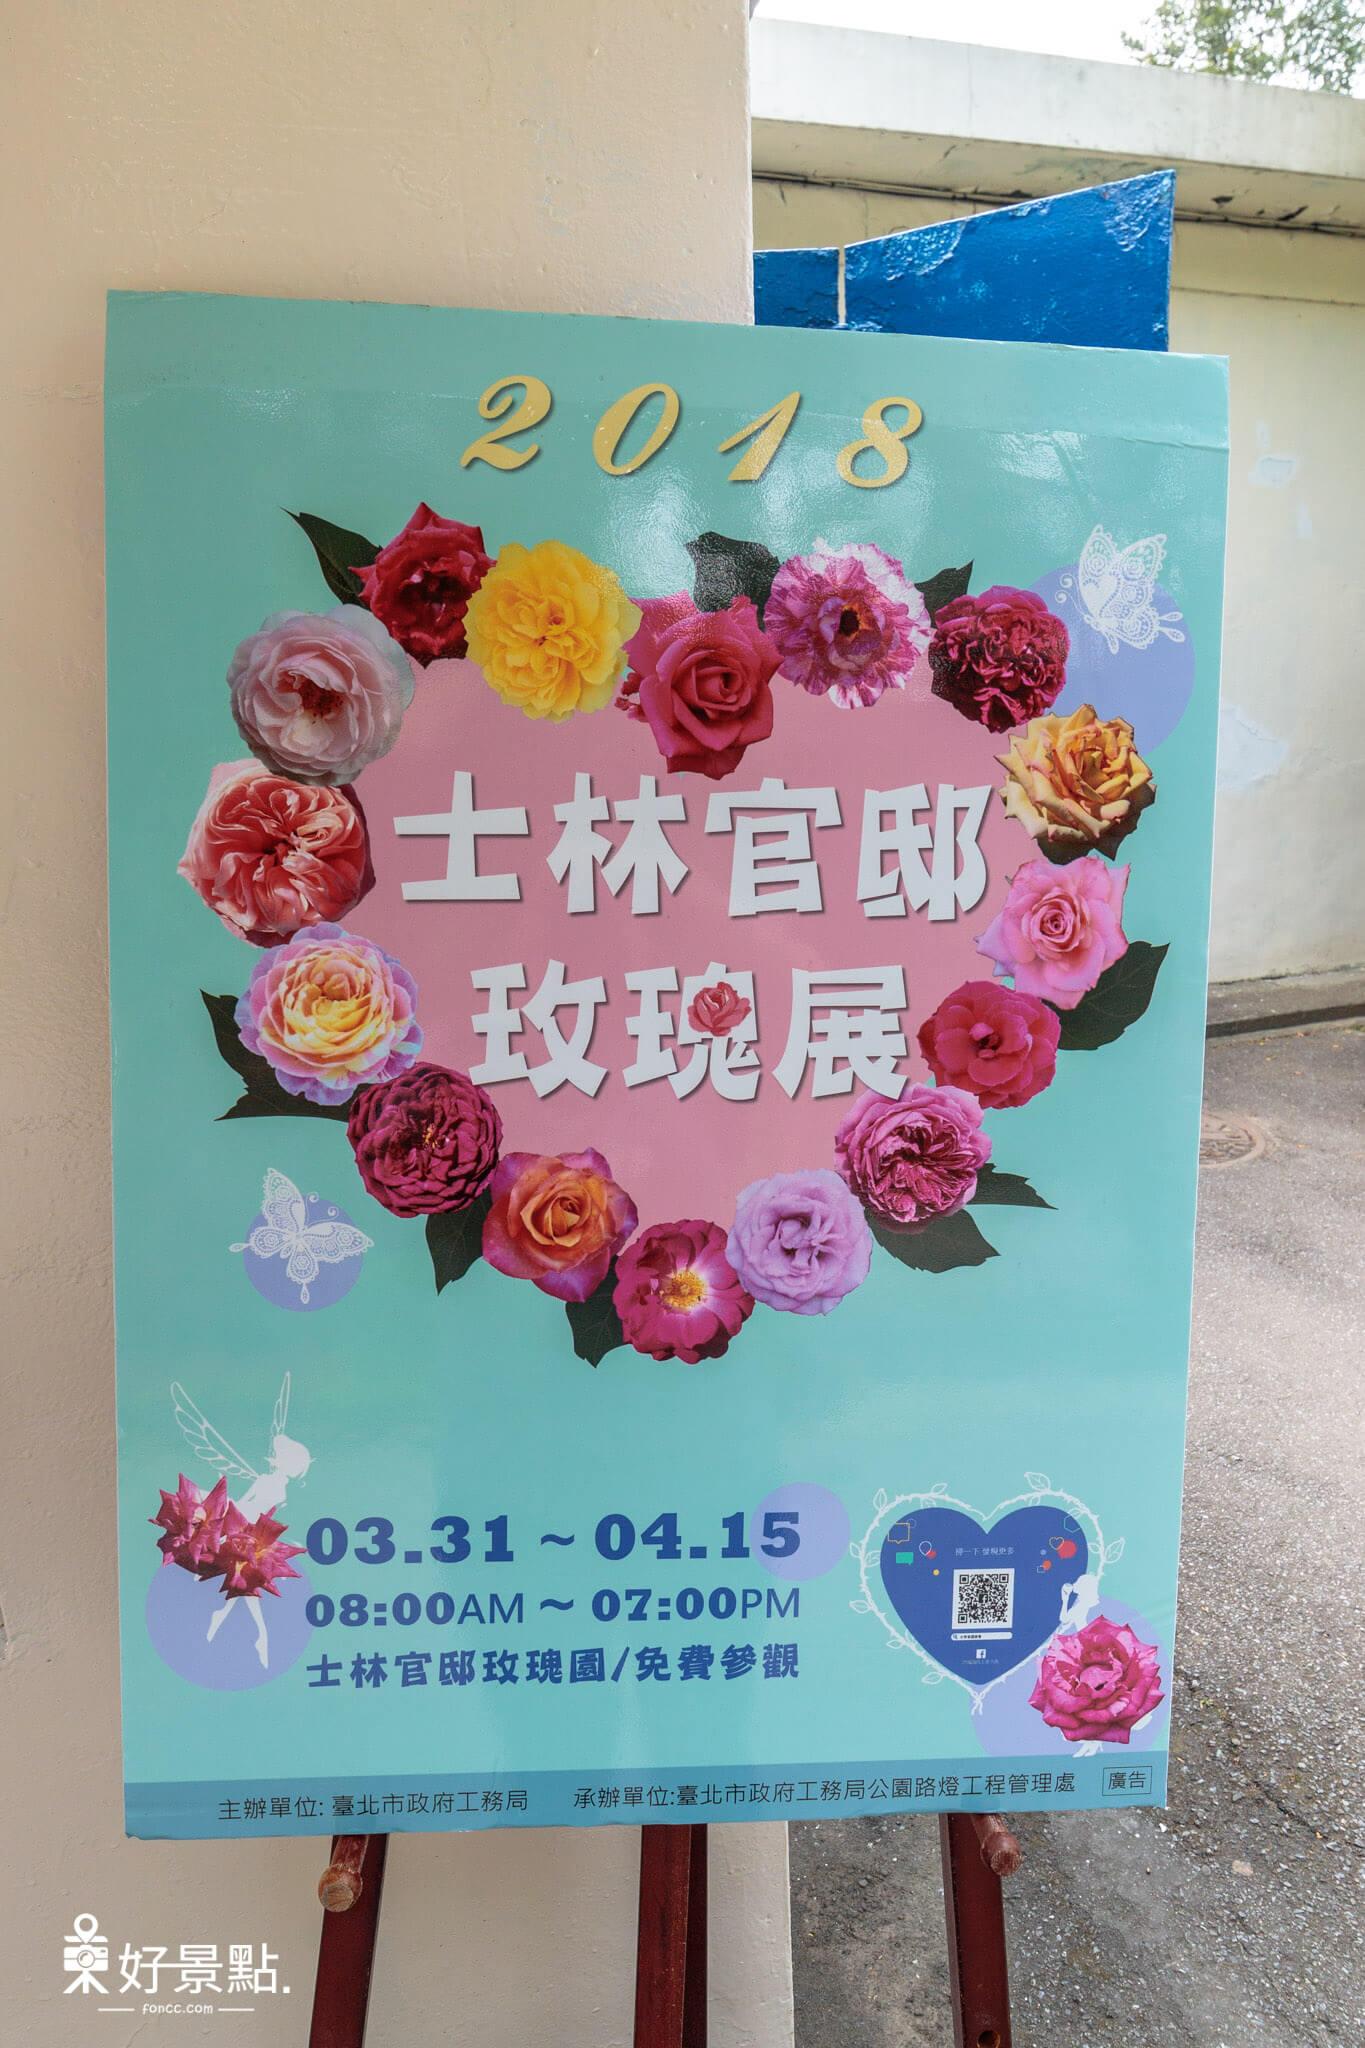 |台北。士林|2018士林官邸玫瑰展-春遊賞花去!